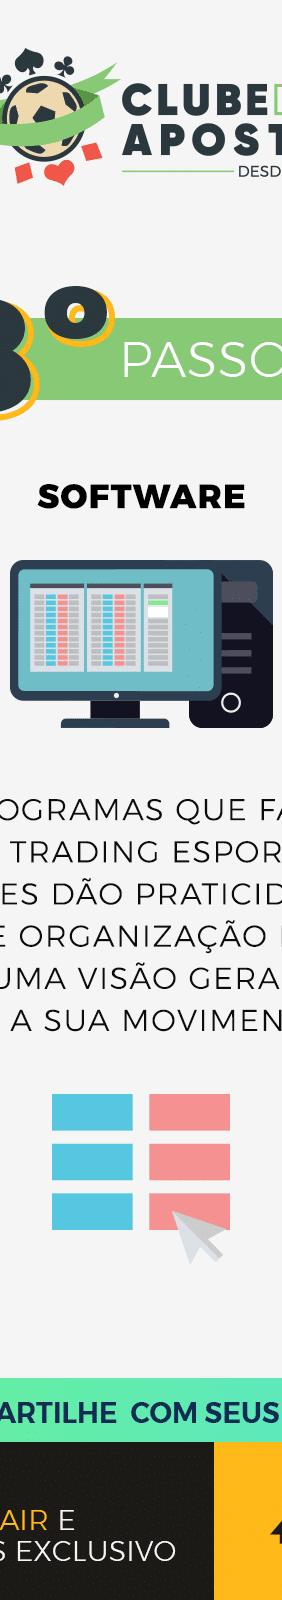 08-o-que-e-trading-esportivo